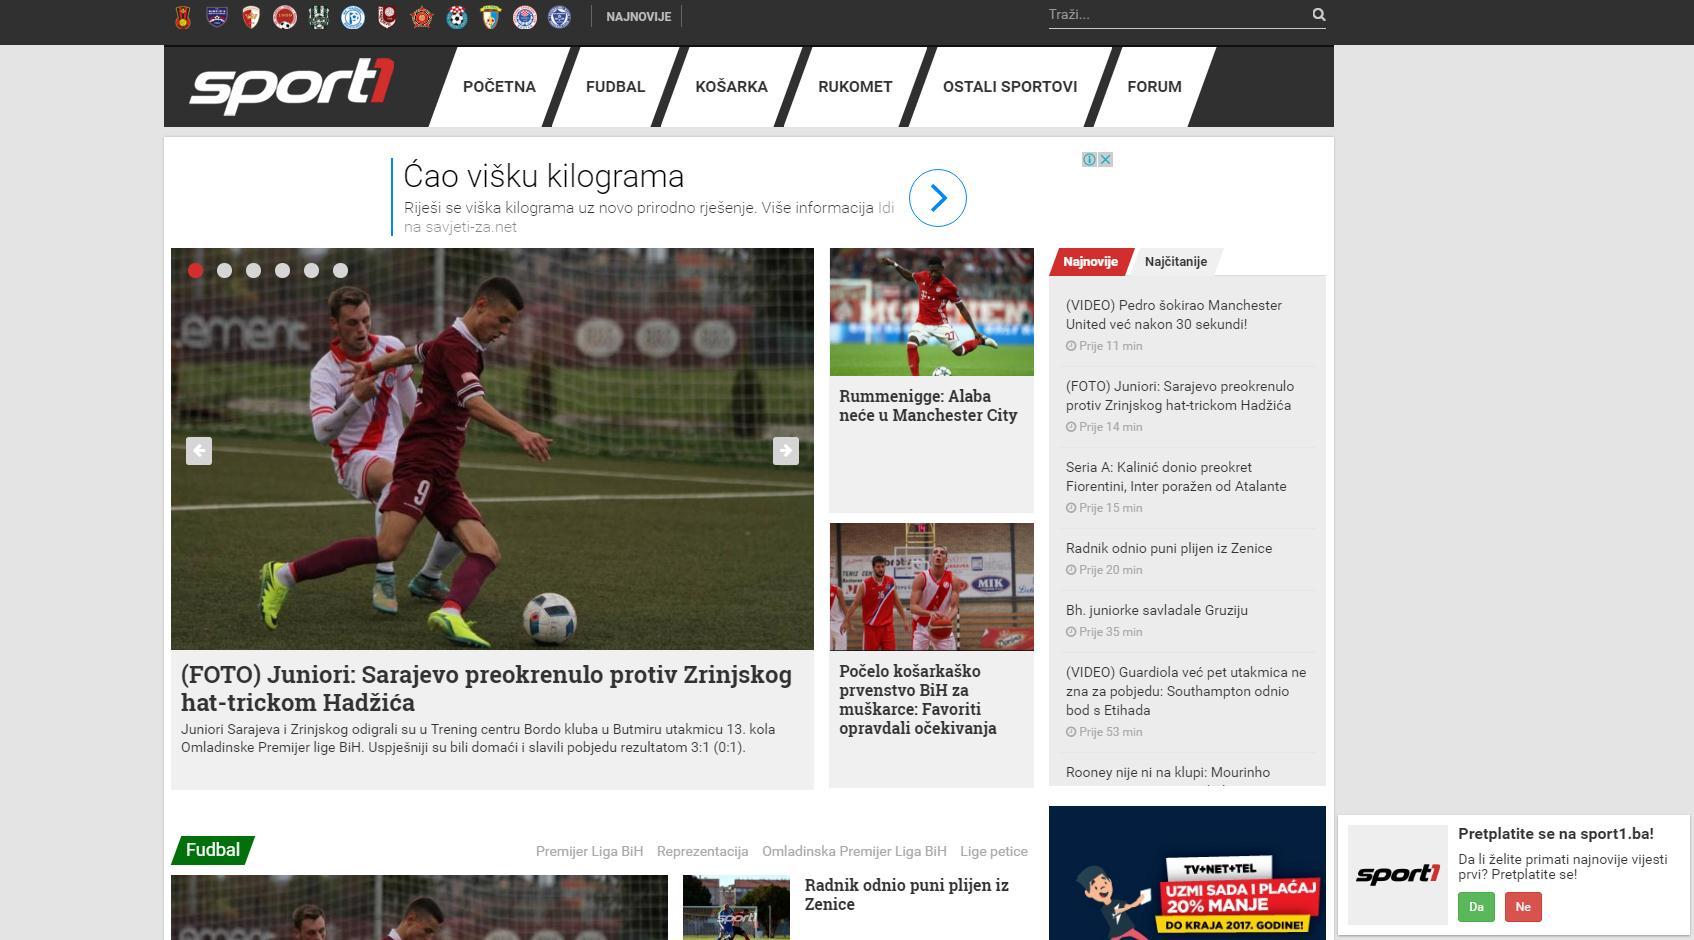 desk.jpg - Sport1 novosti: Pretplatite se i budite u toku sa svim najvažnijim dešavanjima!